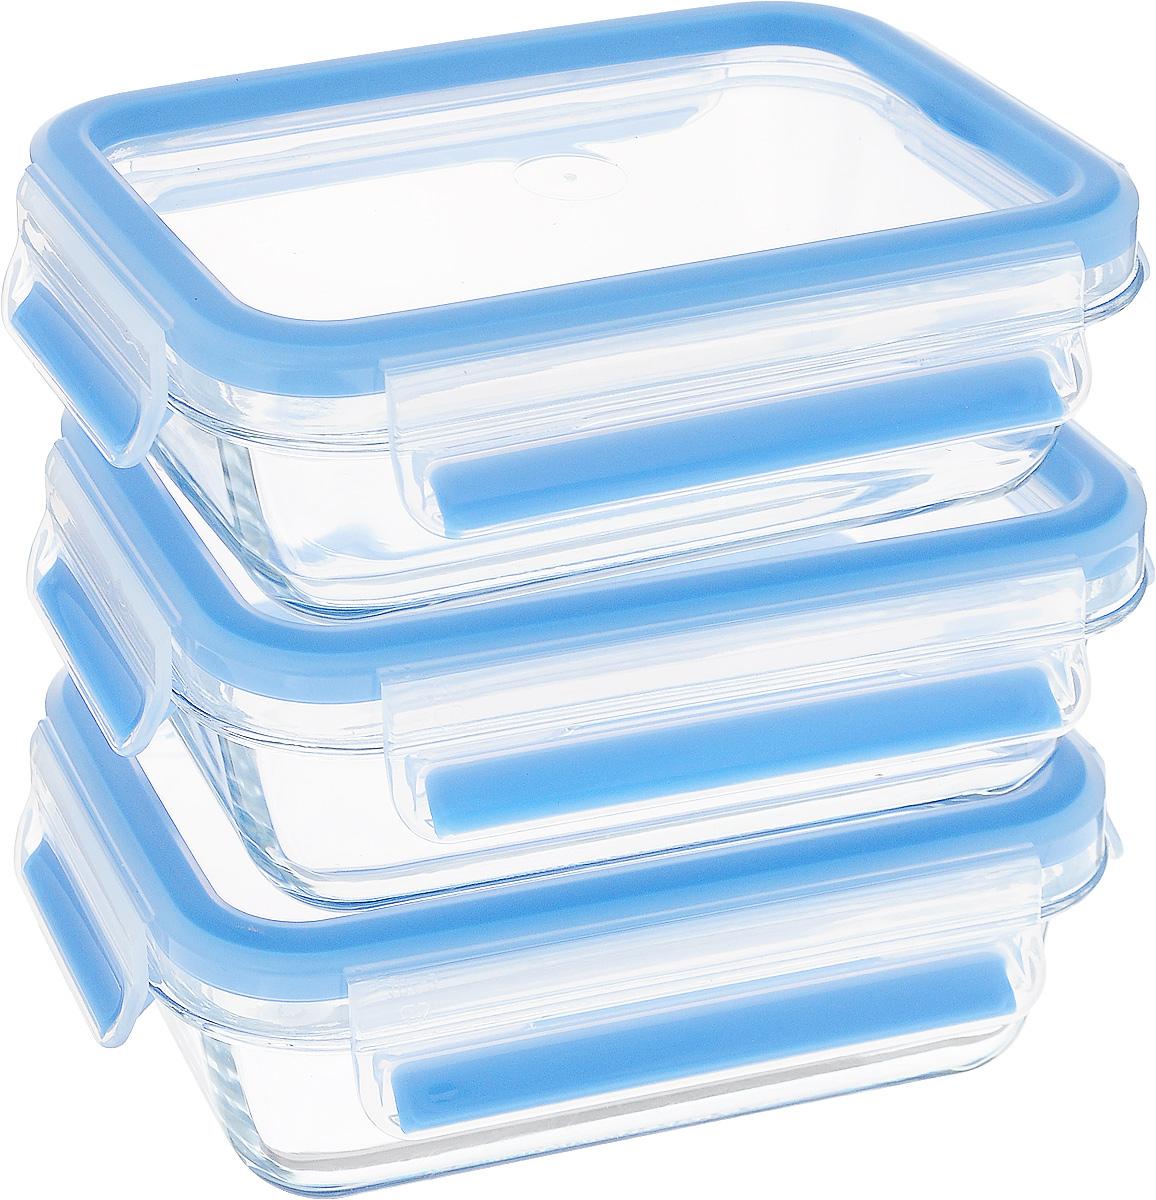 Набор контейнеров Emsa Clip&Close Glass, цвет: голубой, прозрачный, 500 мл, 3 шт514170Набор контейнеров с крышками Emsa Clip&Close Glass для хранения продуктов изготовлен из закалённого и абсолютно прозрачного стекла. Не впитывает запахи и не изменяет цвет. Это абсолютно гигиеничный продукт, который подходит для хранения даже детского питания.Материал чаши диамантовое боросиликатное стекло, сделанное в Европе, дает возможность использовать контейнер для приготовления пищи в духовке с температурой до 400°C. Крышка изготовлена из высококачественного антибактериального пищевого пластика, имеющего сертификат BPA-free. - 100% герметичность - идеально не только для хранения, но и для транспортировки пищи. Герметичность достигается за счет специальных силиконовых уплотнителей в крышке, которые позволяют использовать контейнер для хранения не только пищи, но и жидкости. В таком контейнере продукты долгое время сохраняют свою свежесть - до 4-х раз дольше по сравнению с обычными, в том числе и вакуумными контейнерами. - 100% гигиеничность - уникальная технология применения медицинского силикона в уплотнителе крышки: никаких полостей - никаких микробов. Изделие снабжено крышкой, плотно закрывающейся на 4 защелки. - 100% удобство - прозрачные стенки позволяют просматривать содержимое, сохранение пространства за счёт лёгкой установки контейнеров друг на друга.Изделие подходит для домашнего использования, для пикников, поездок, отдыха на природе, его можно взять с собой на работу или учебу. Можно использовать в духовках, СВЧ-печах, холодильниках, посудомоечных машинах, морозильных камерах. Размеры контейнеров: 17,5 х 12 х 5,9 см.